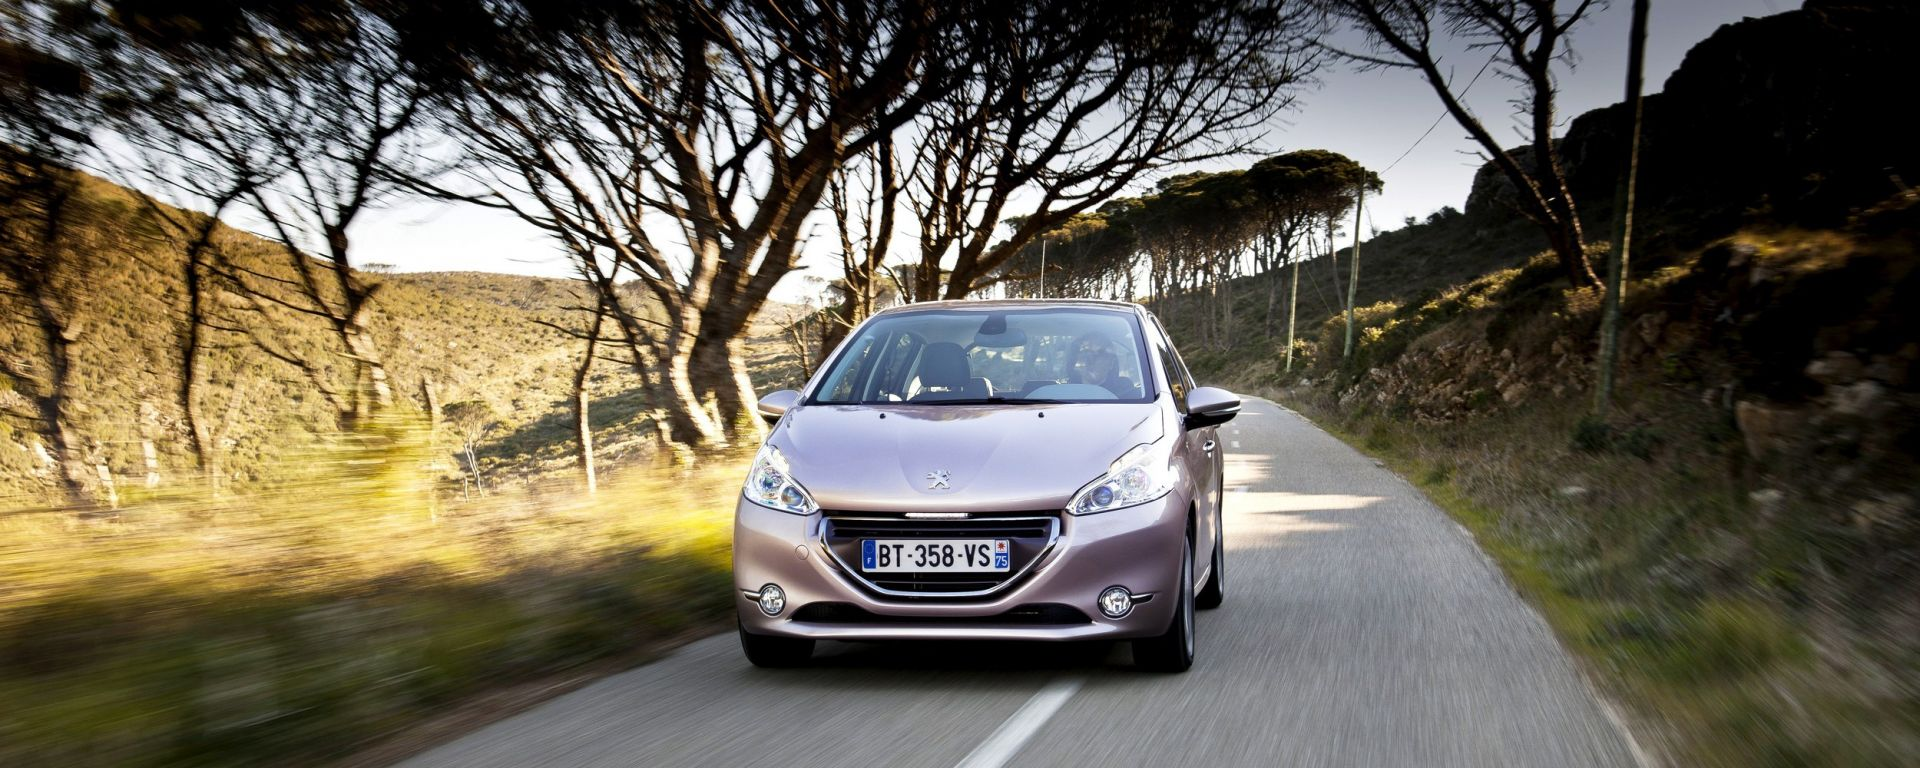 5.000 km con la Peugeot 208 1.2 VTi